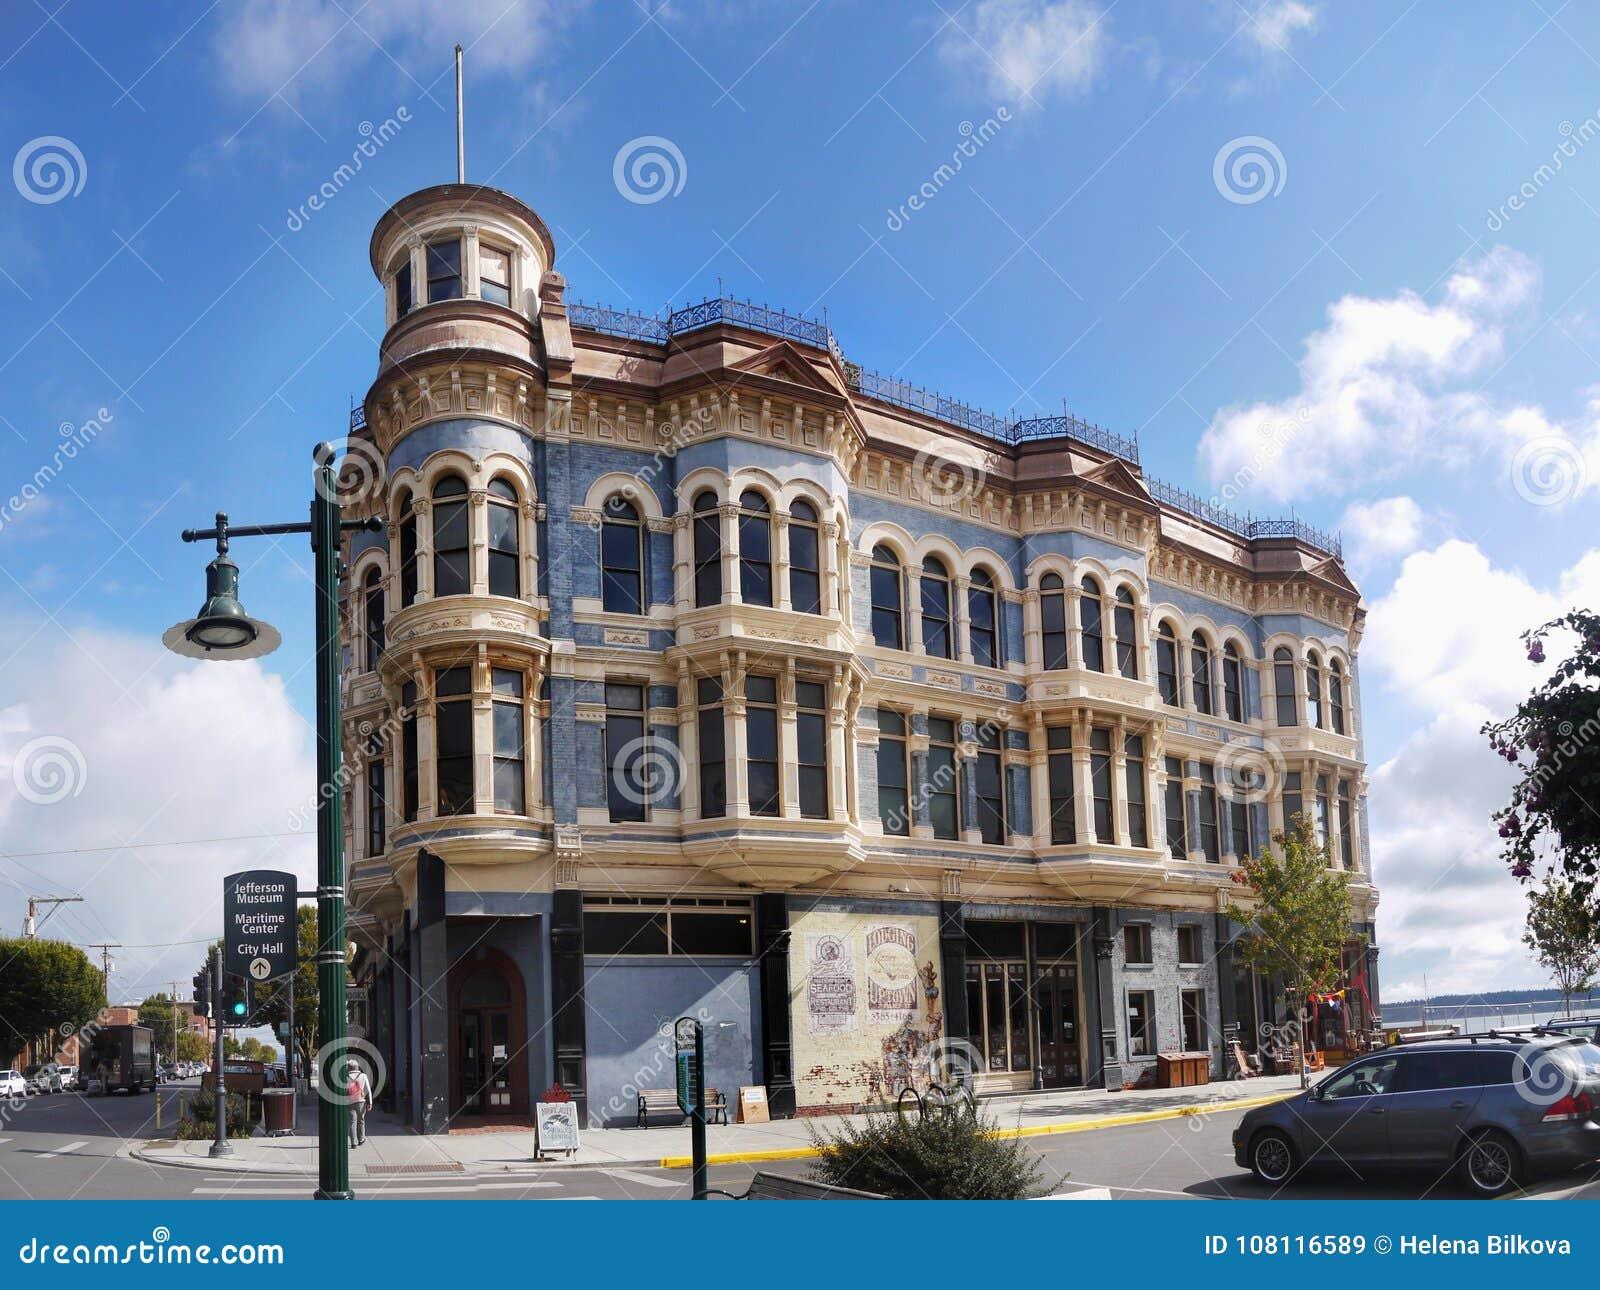 24e5559f Stilbyggnad För Viktoriansk Arkitektur Redaktionell Fotografering ...